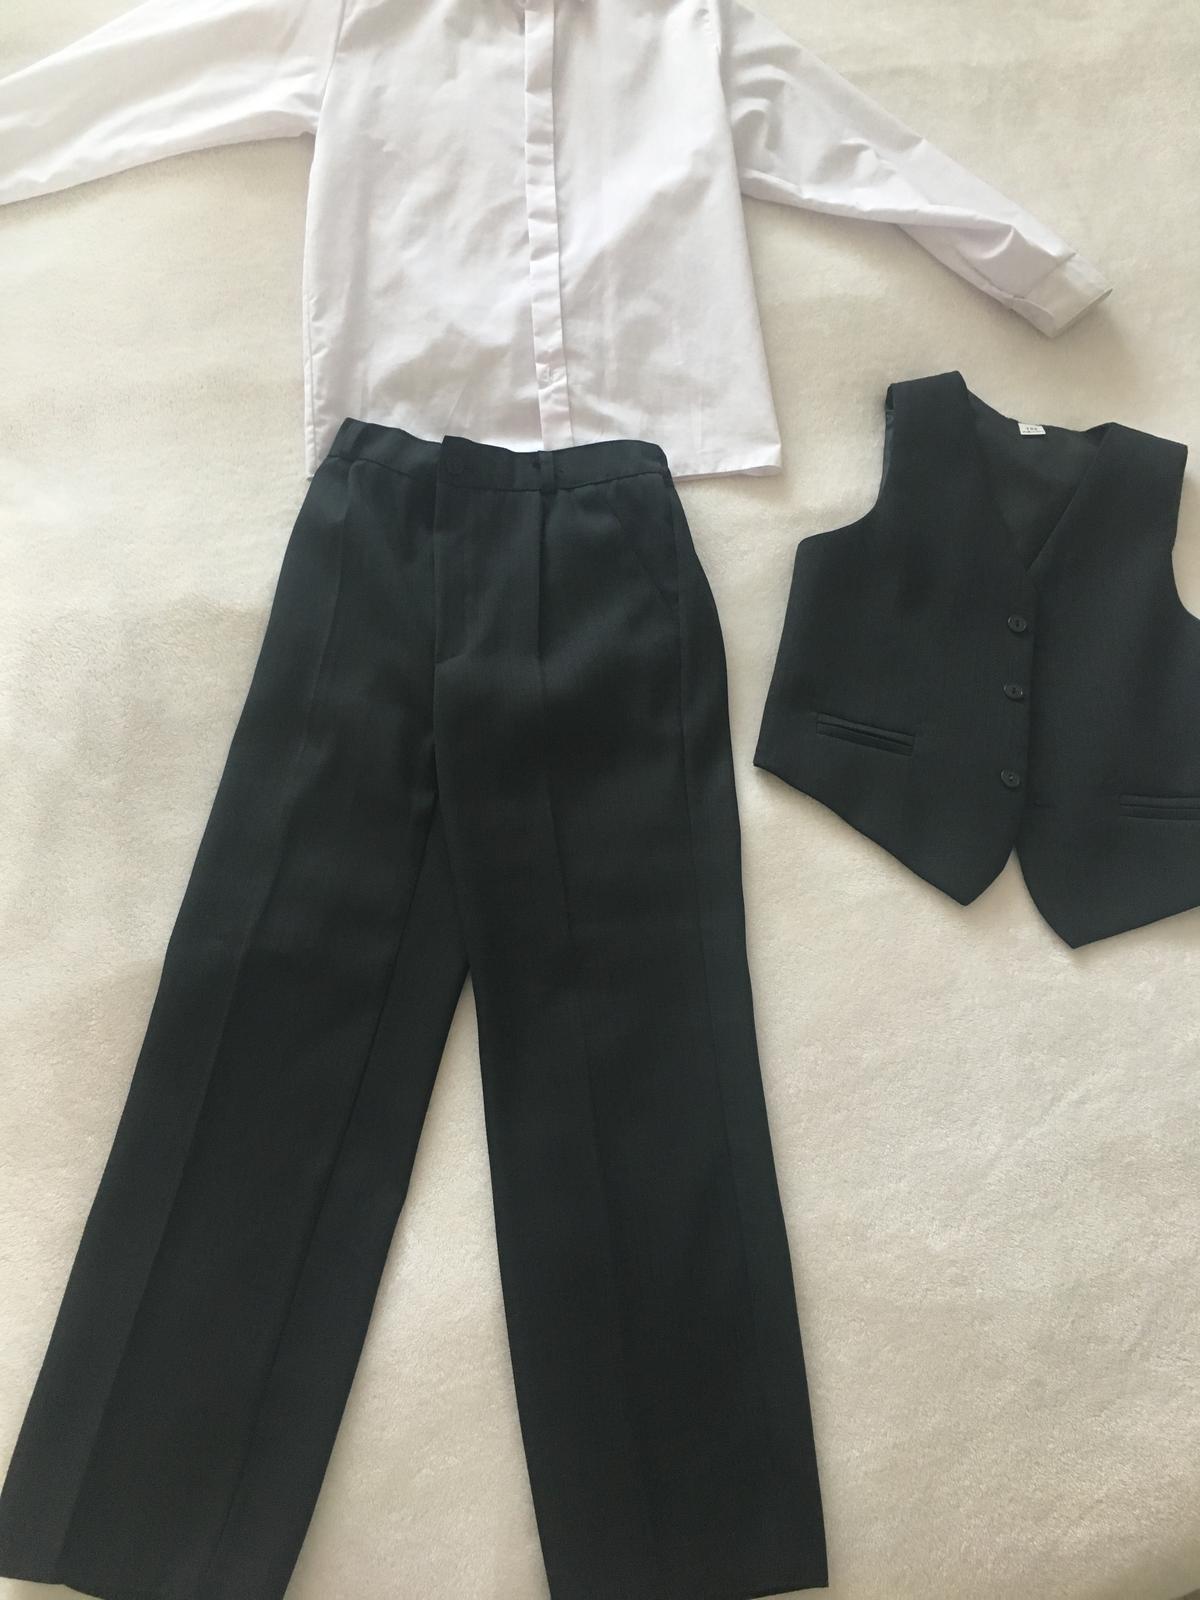 Kalhoty s vestou a kosile - Obrázek č. 1